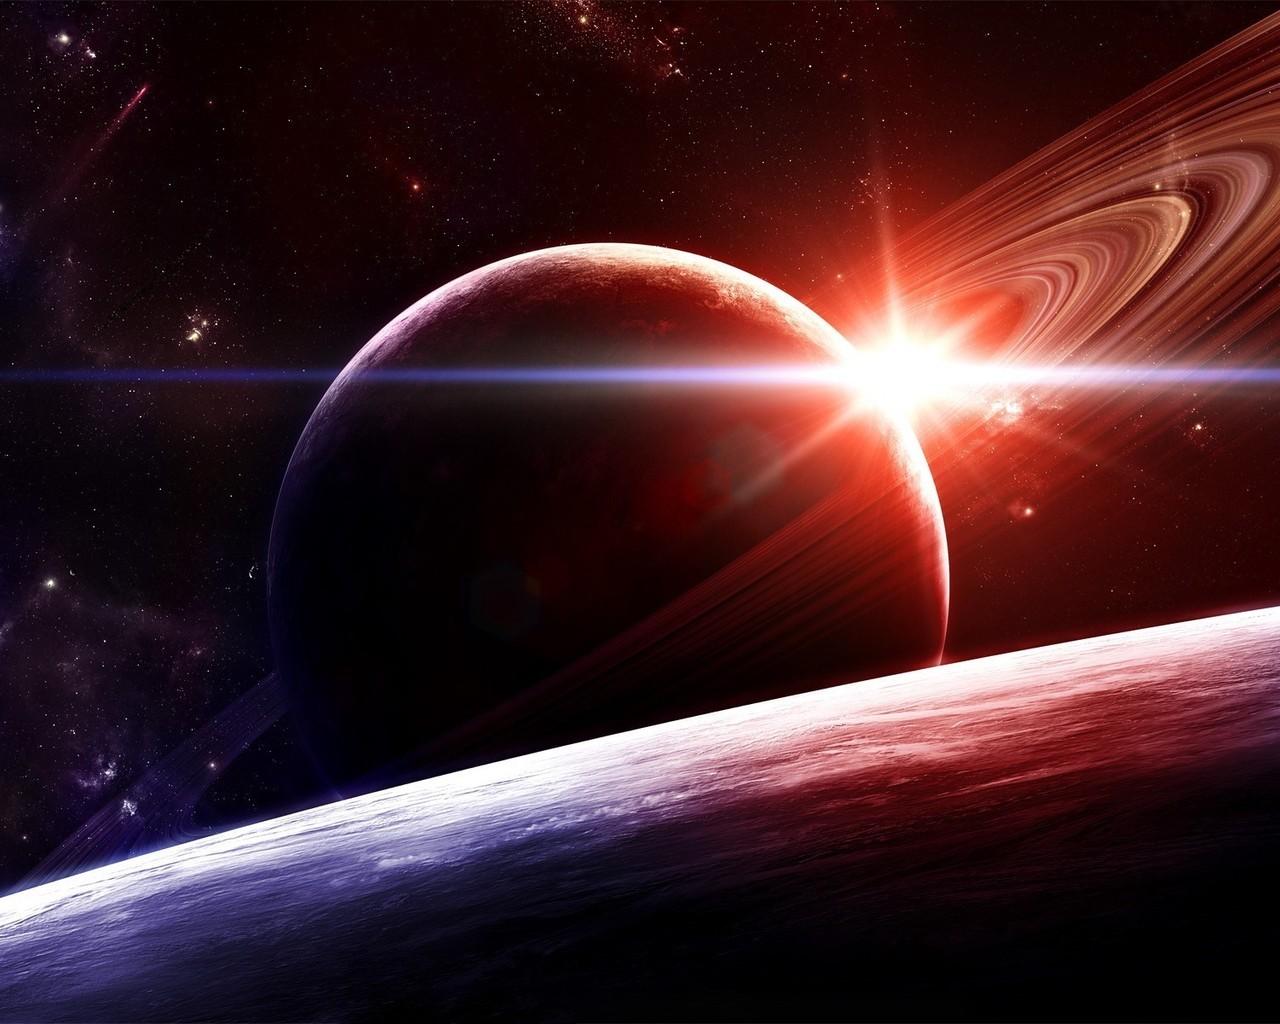 17773 скачать обои Пейзаж, Планеты, Космос - заставки и картинки бесплатно